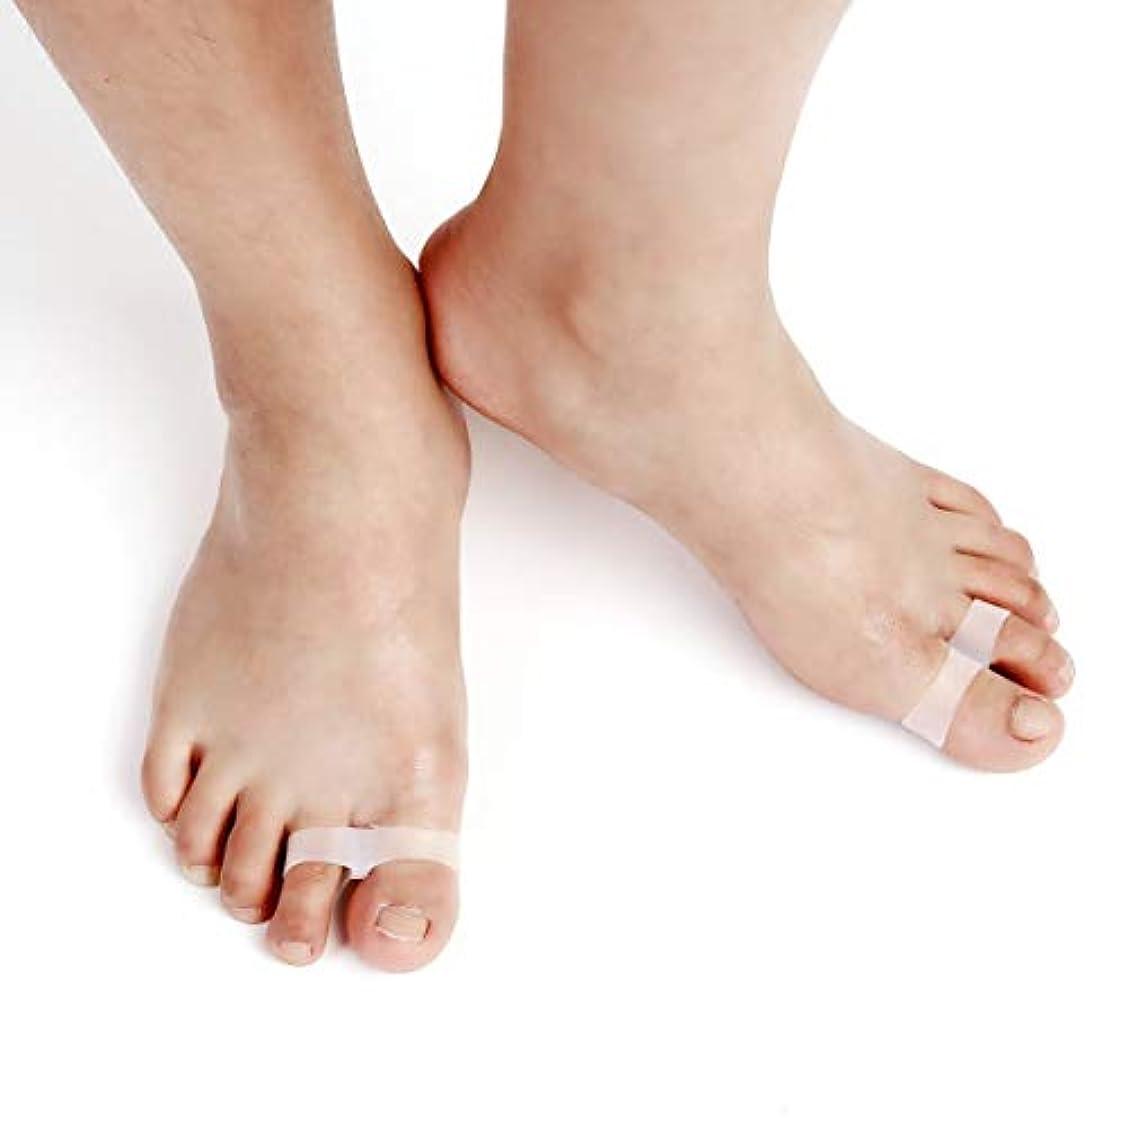 別れる手配するフレア1ペアマグネット重量を失います新技術健康的なスリムな損失つま先リングステッカーシリコンフットマッサージフィート損失重量減少(白)